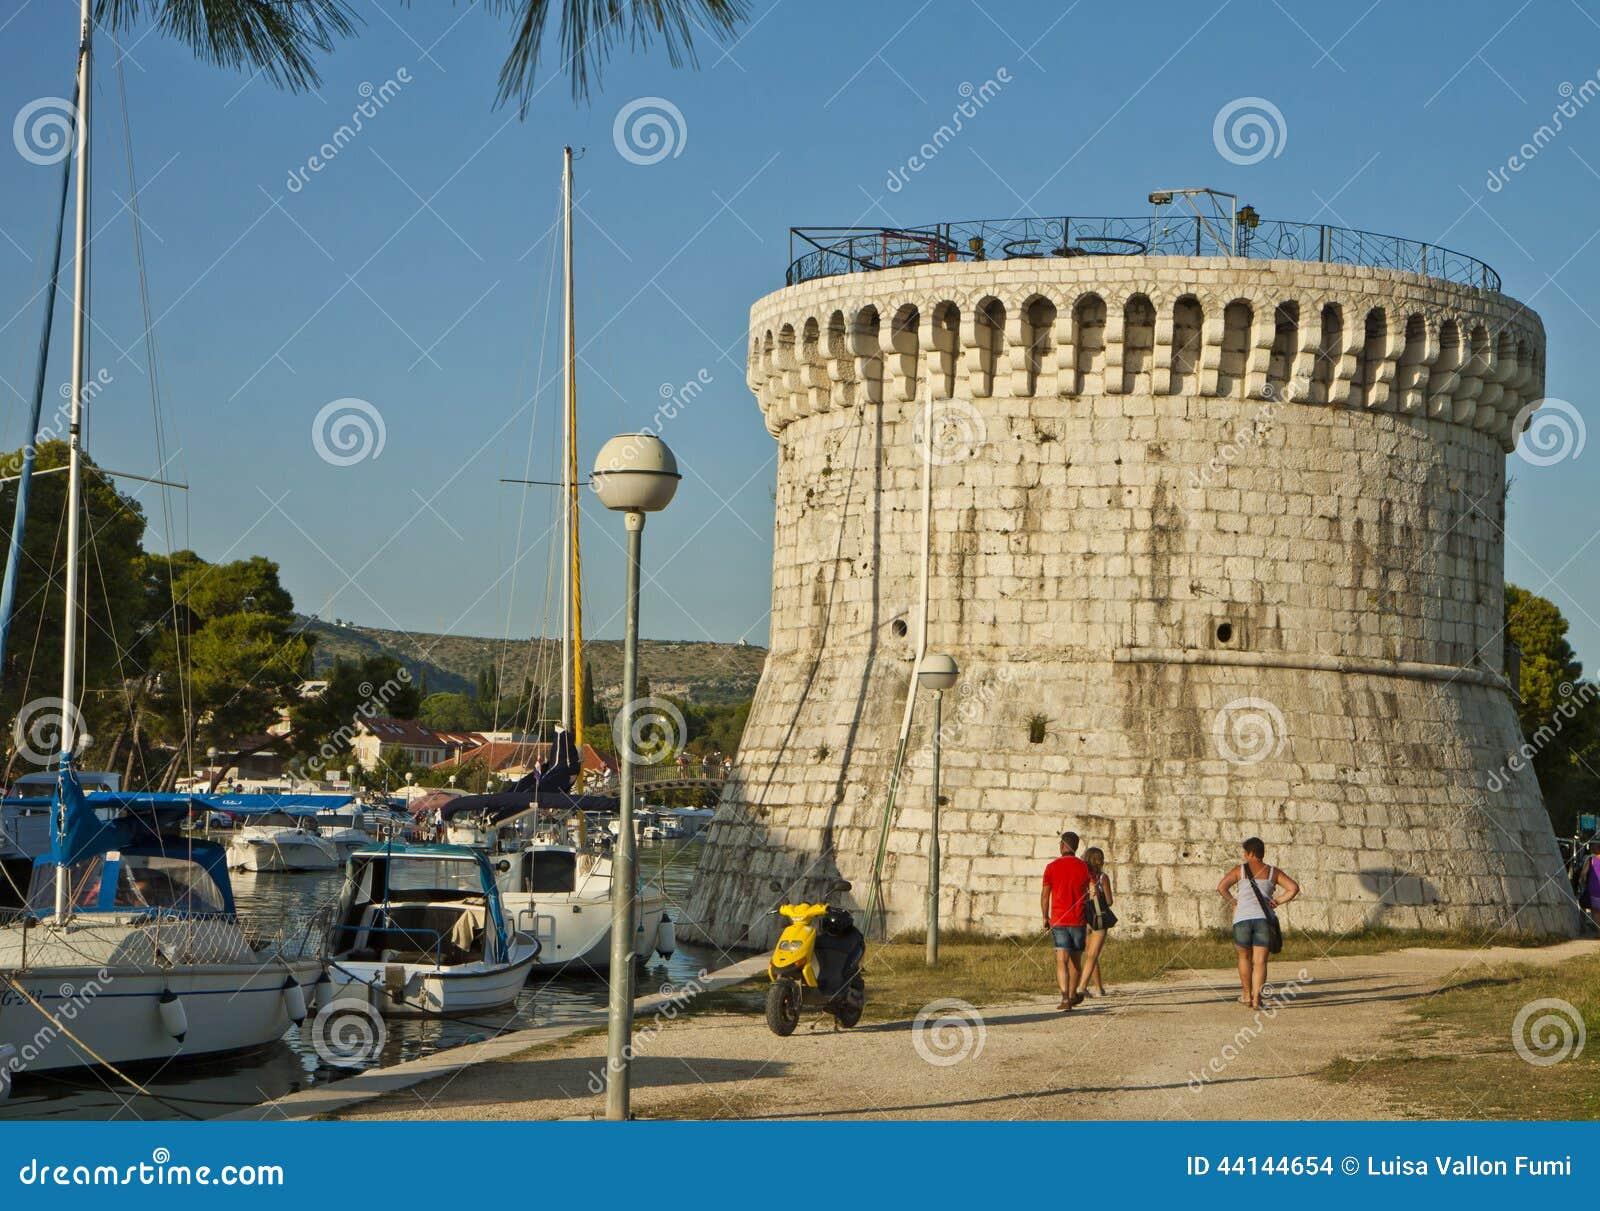 Trogir, Sr. Mark tower